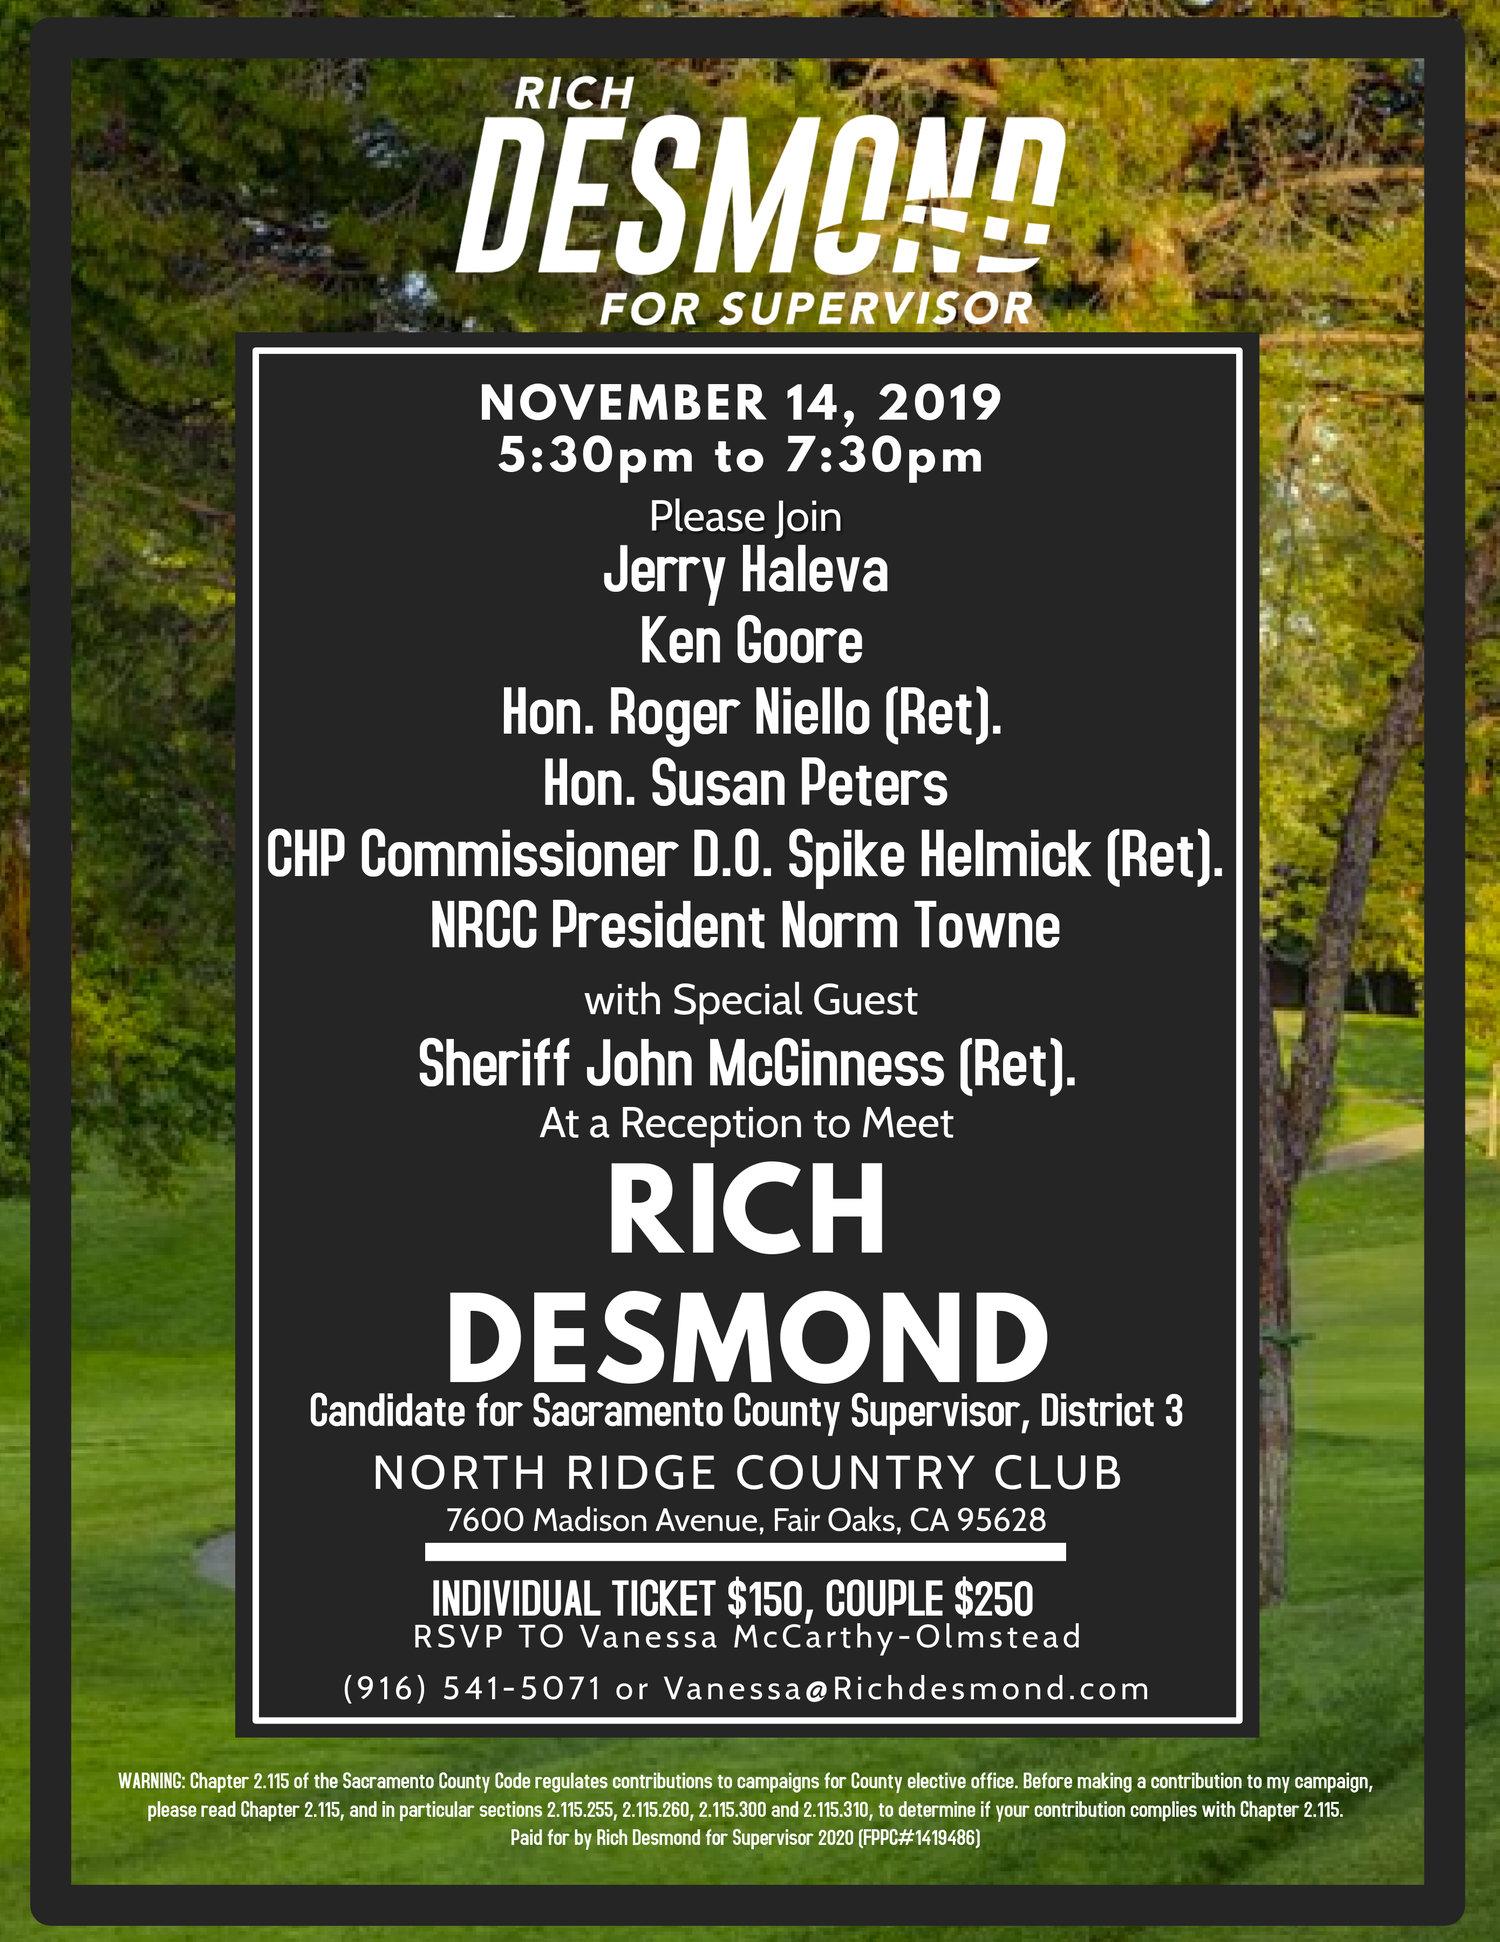 County Fair Sacramento 2020.November 14 Fundraiser Rich Desmond For Supervisor